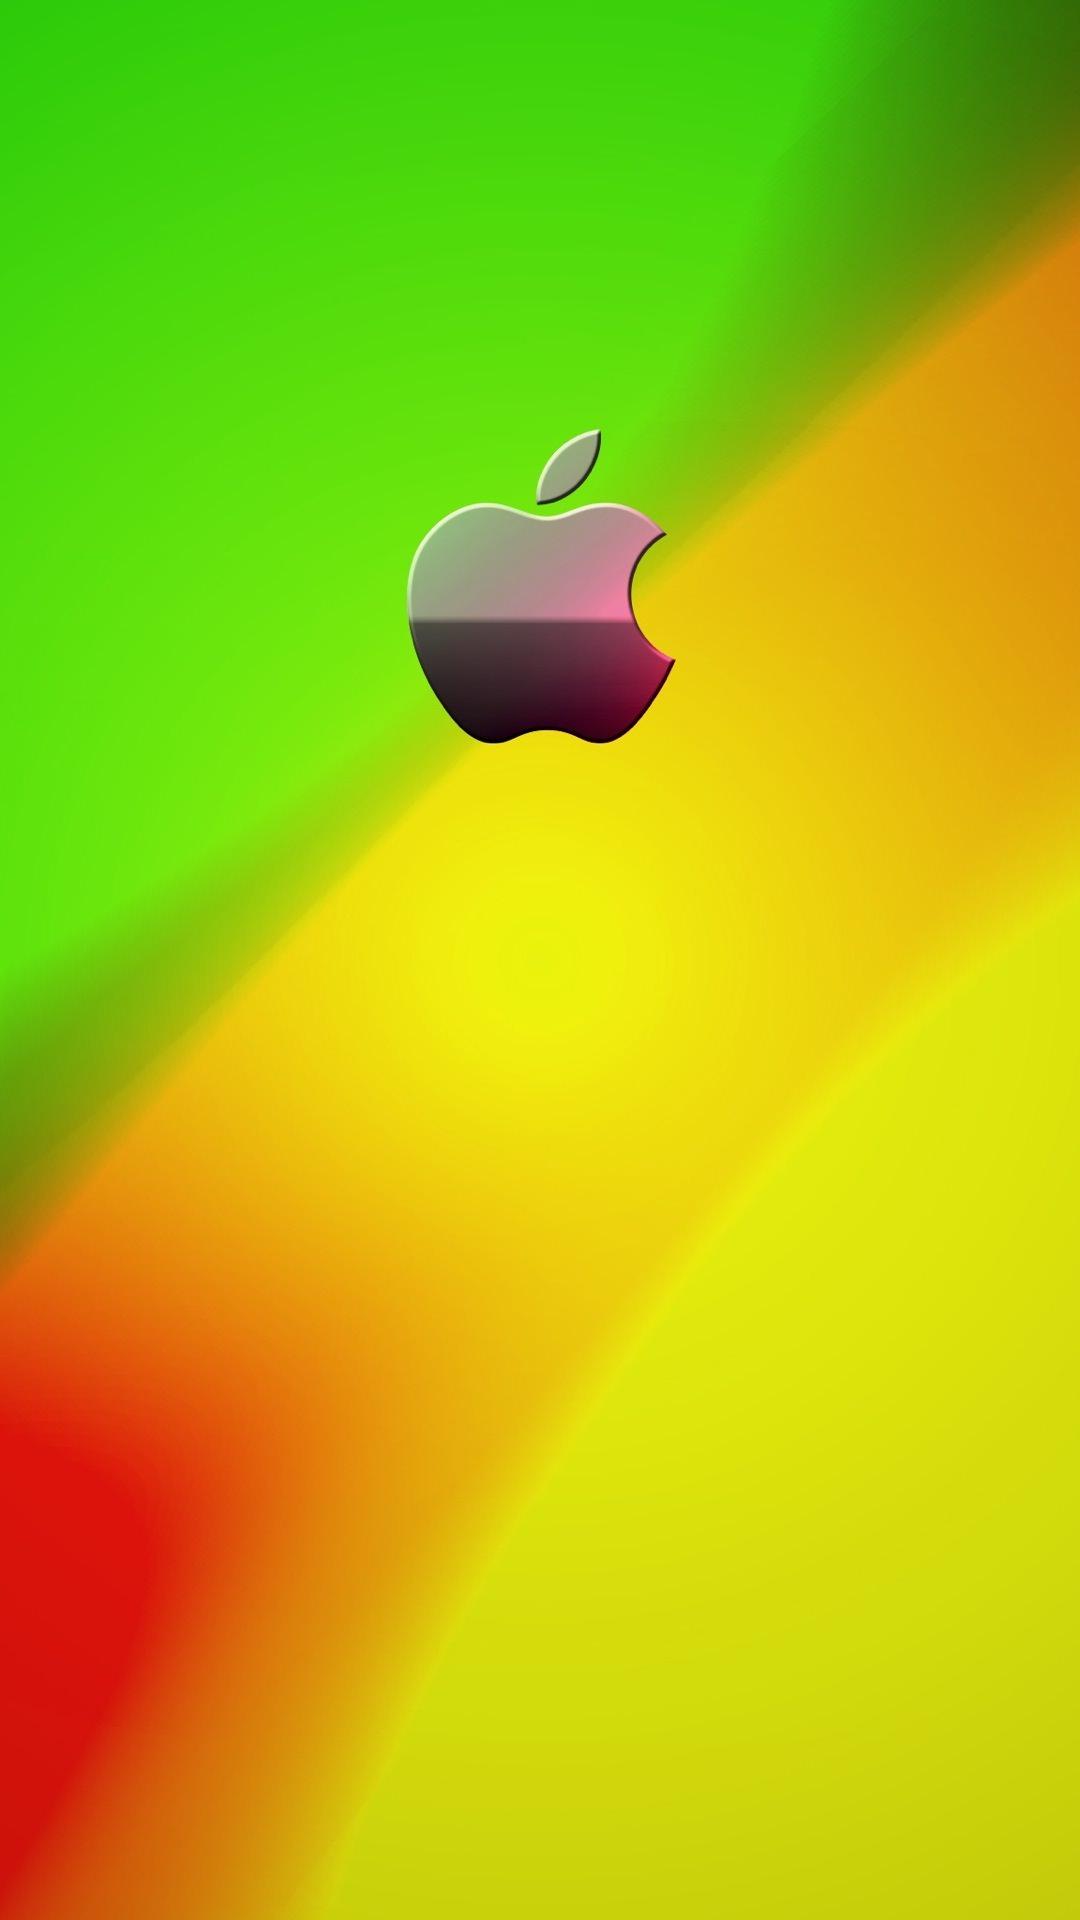 iPhone 8 Plus,7 Plus,6s Plus 壁紙 0172